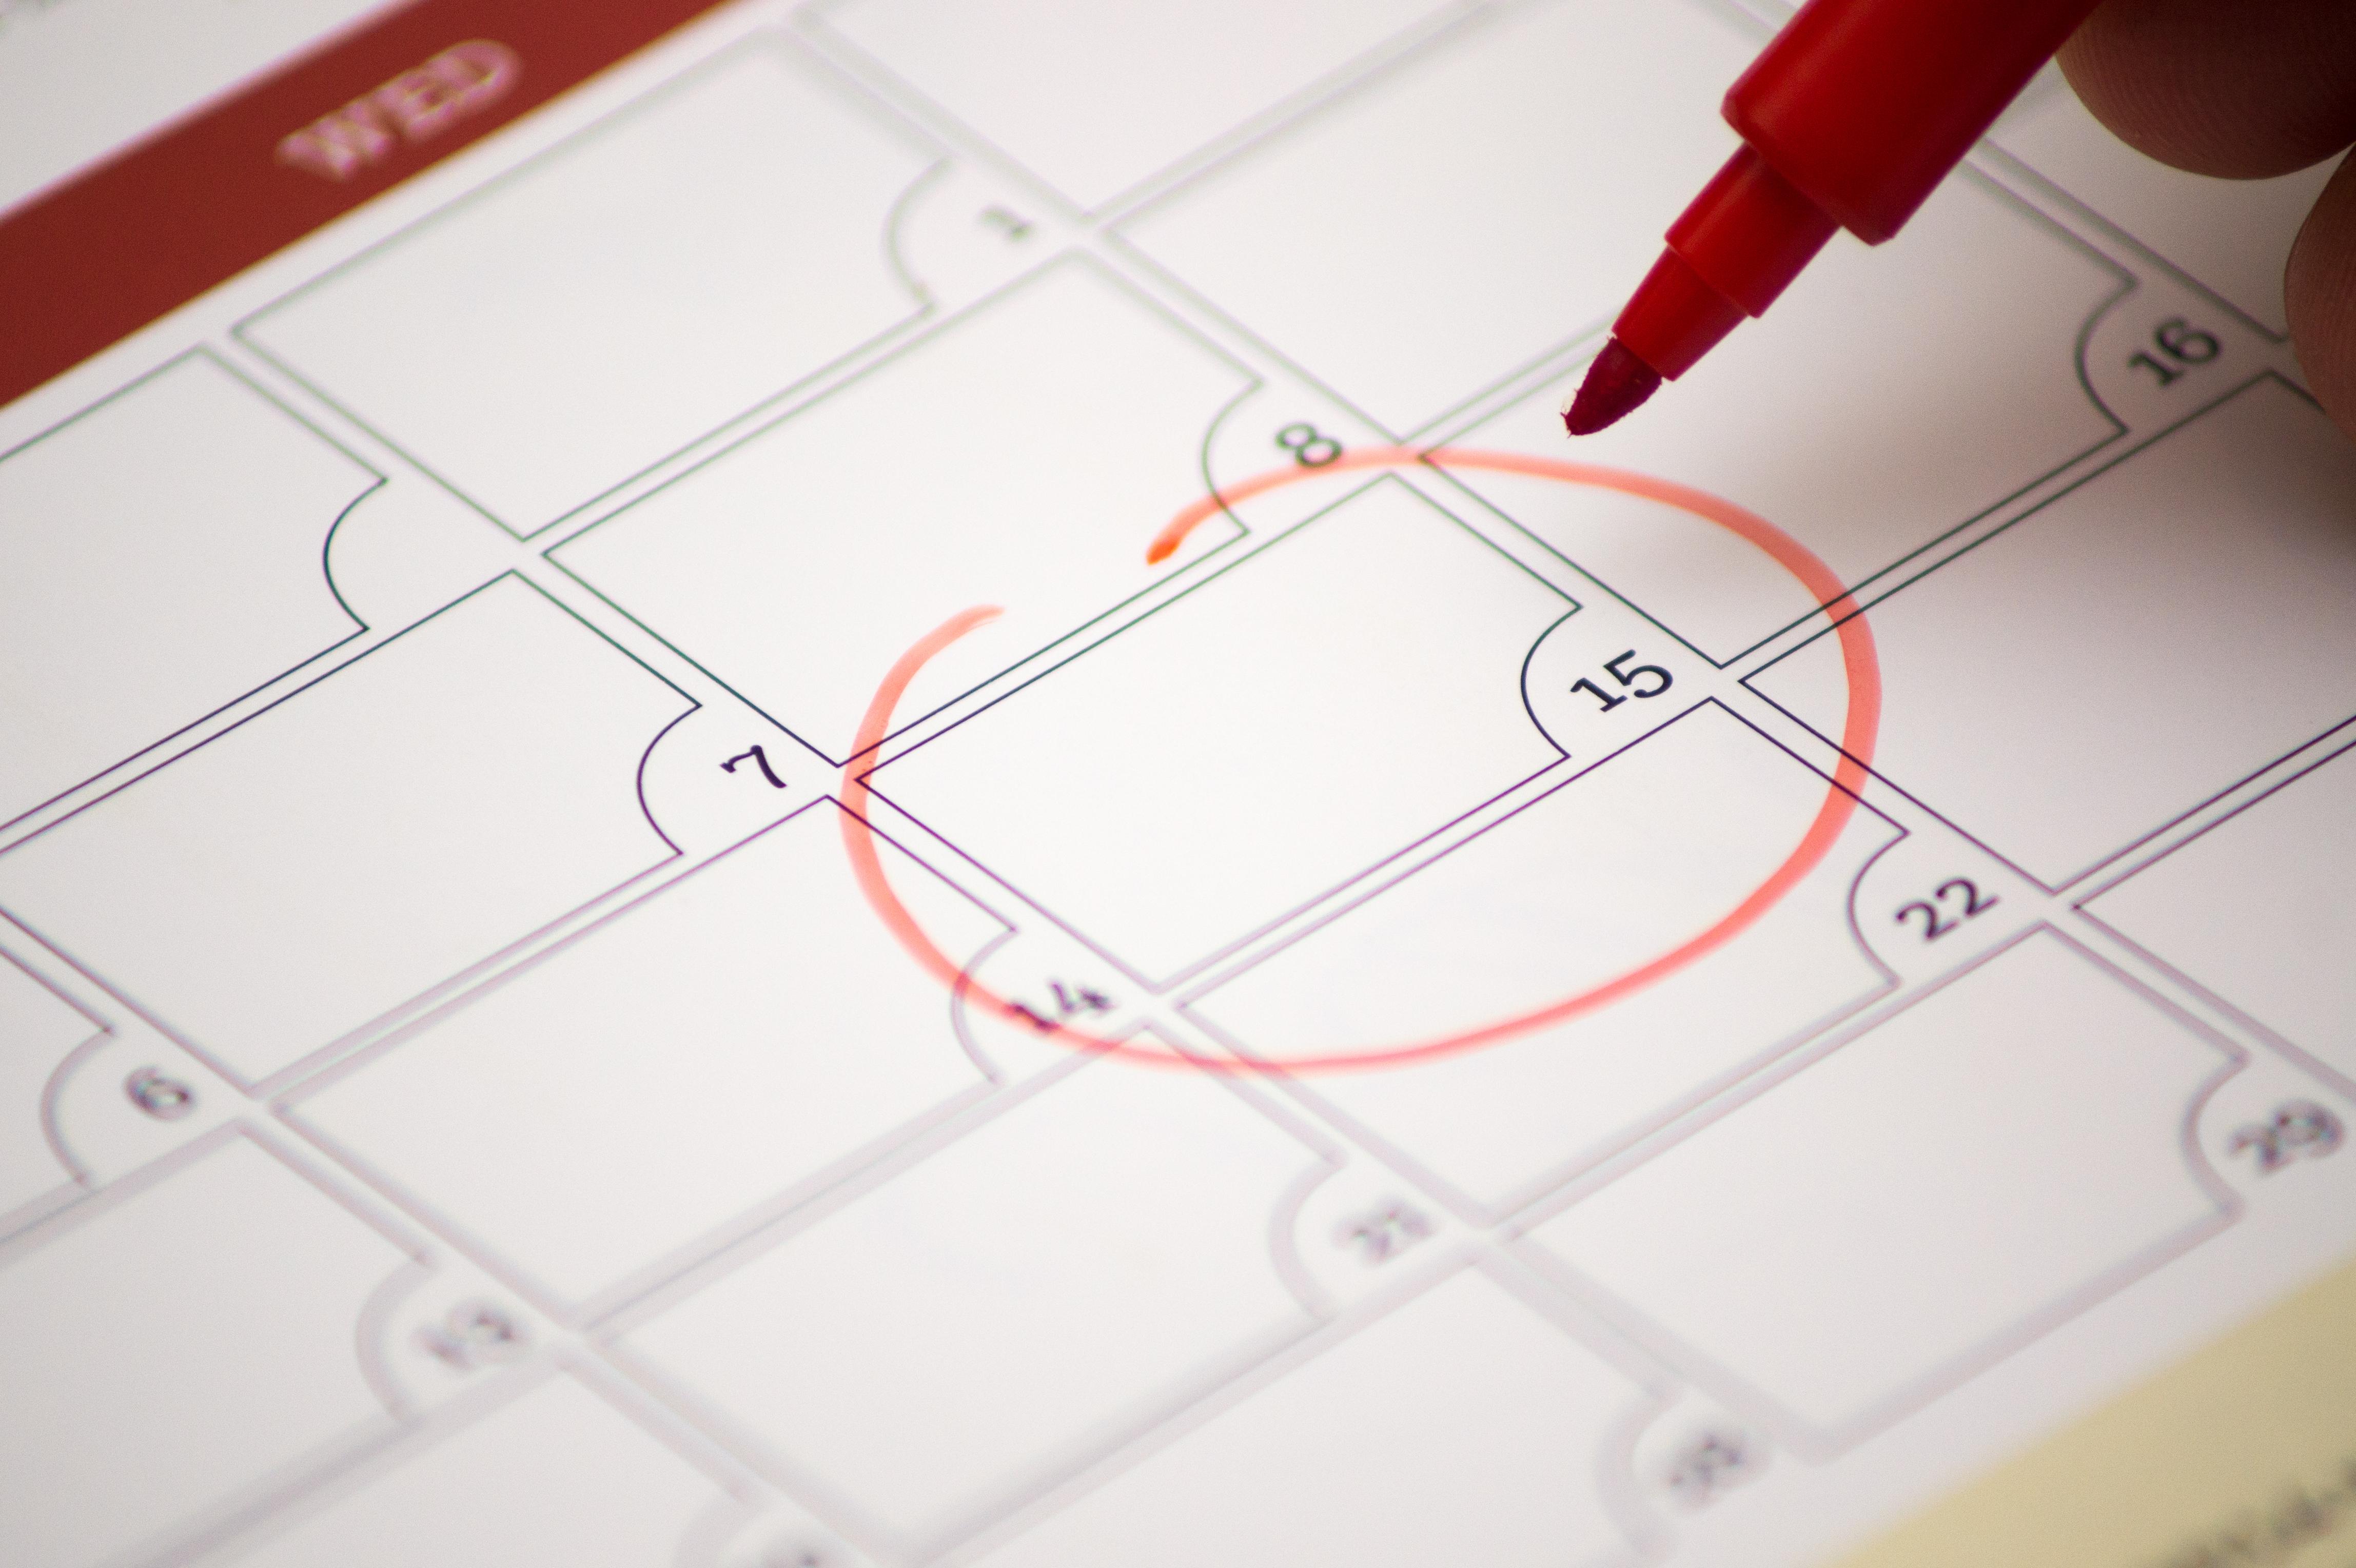 Calendar date circled in red